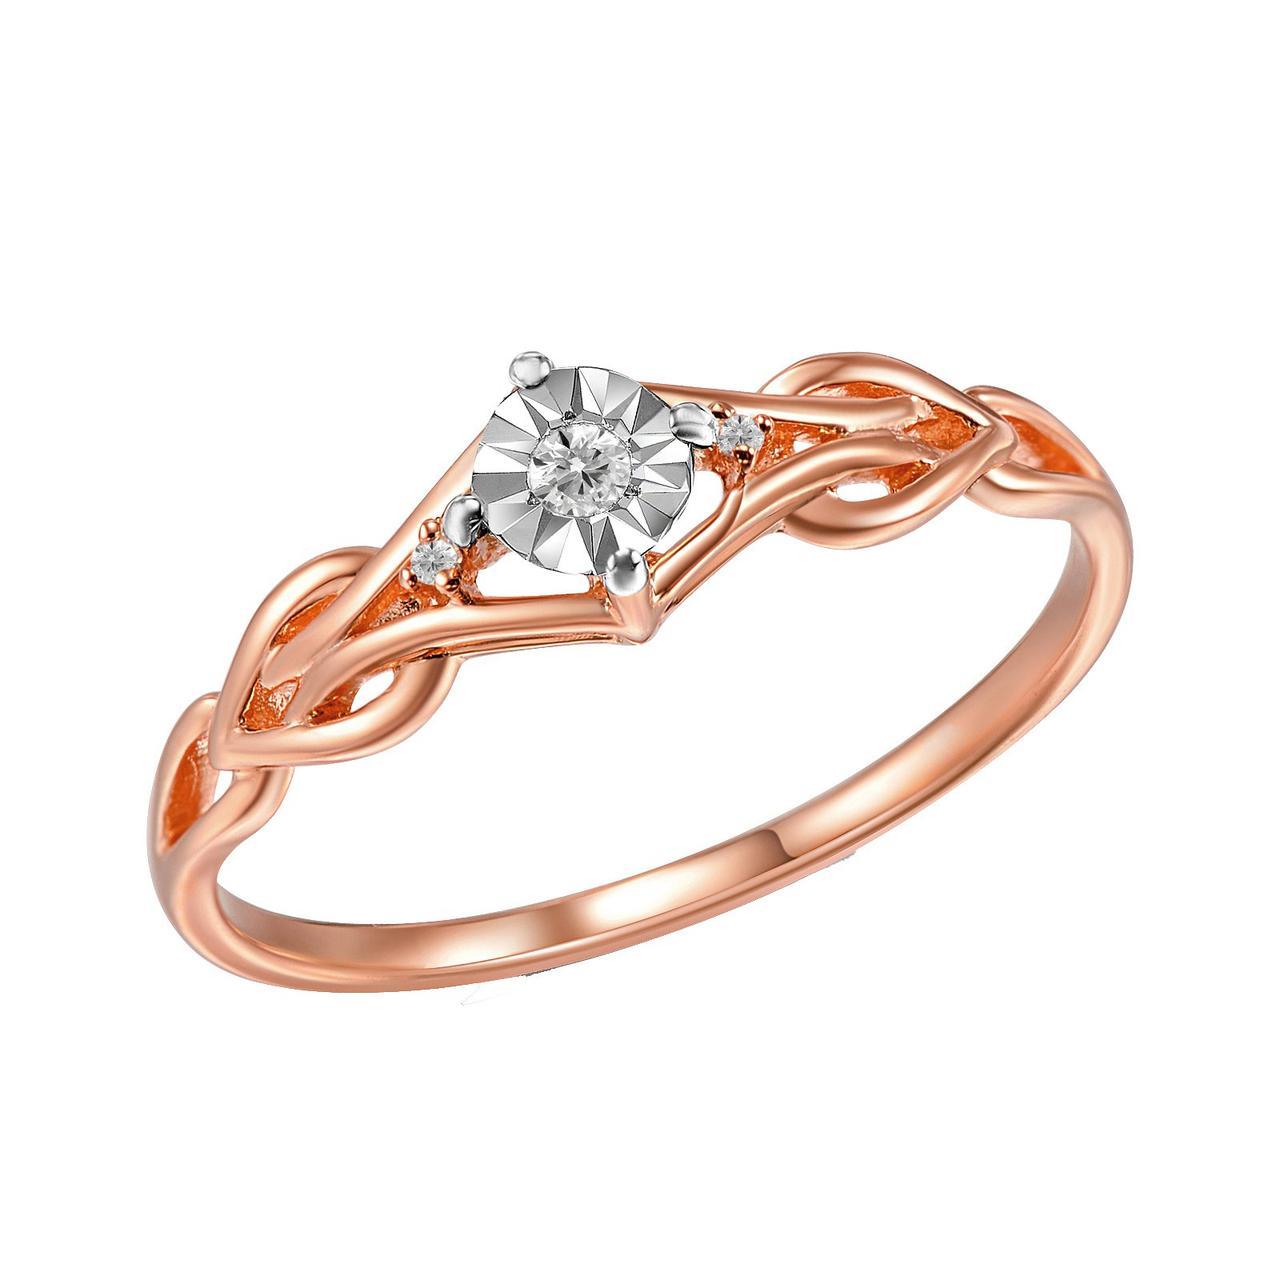 Золотое кольцо с бриллиантами, размер 17 (1668037)